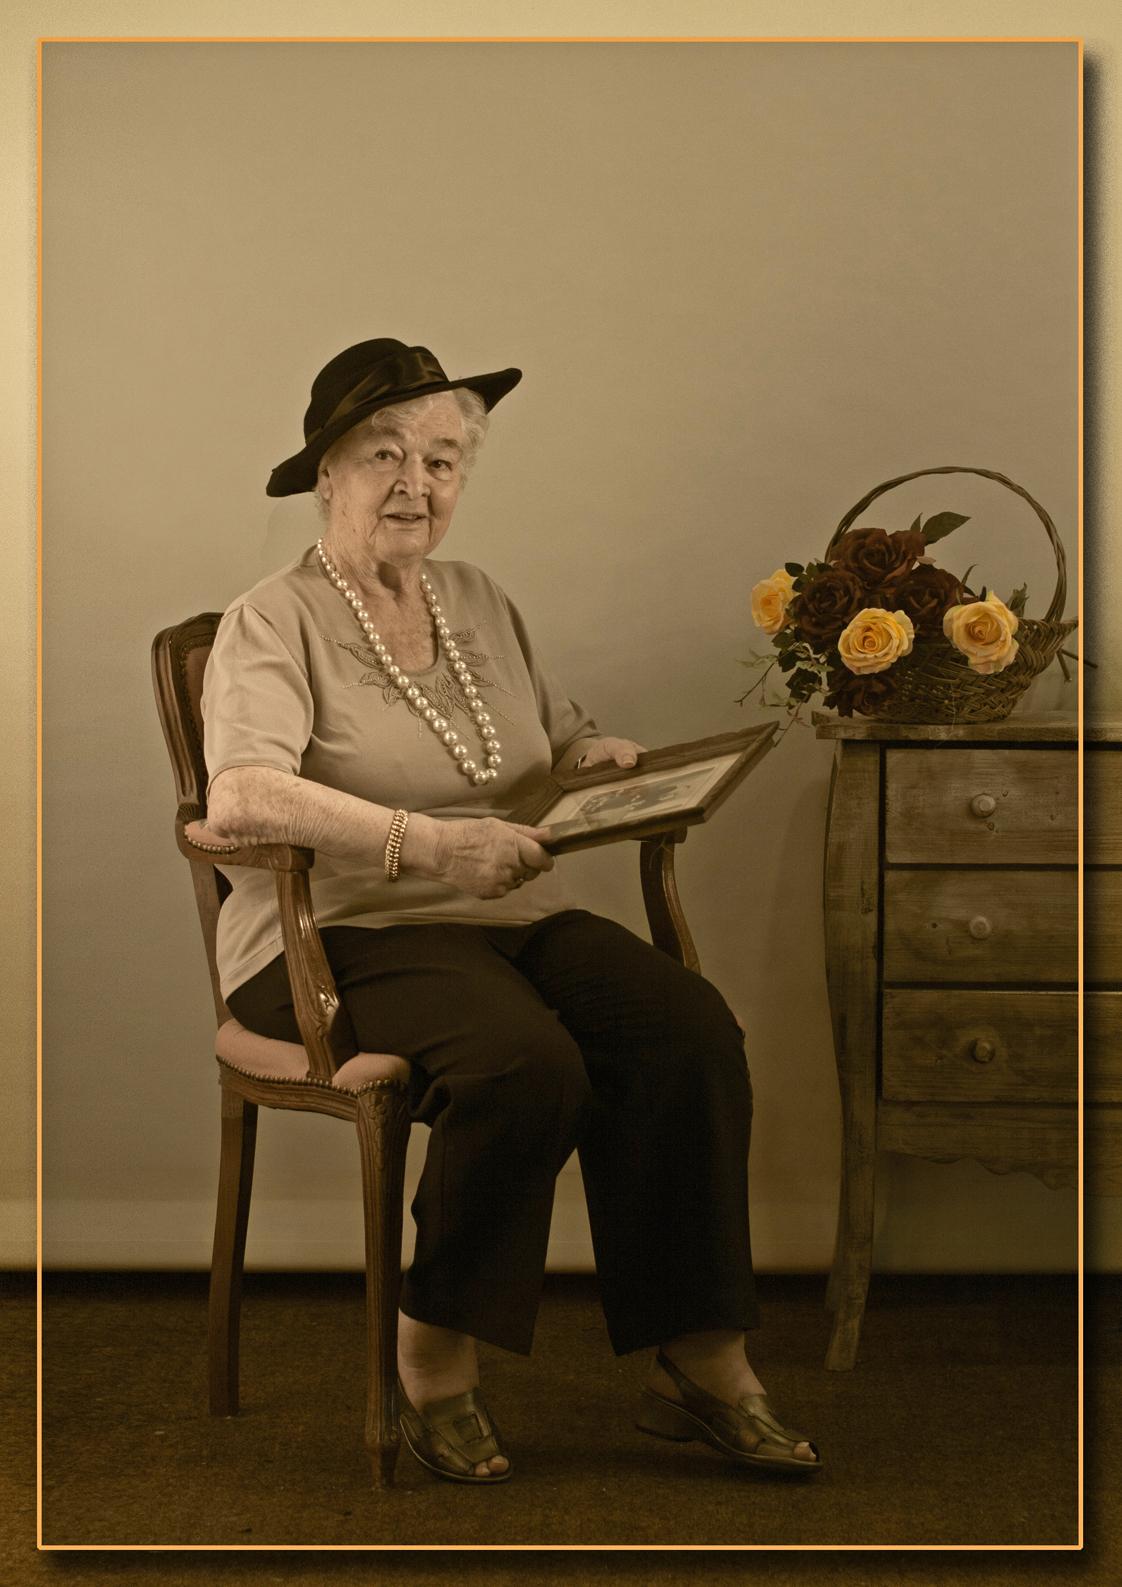 Senioren 31 - Voor de omschrijving zie bij Senioren 1 - foto door kosmopol op 20-01-2012 - deze foto bevat: senioren, kosmopol, glamour; portret